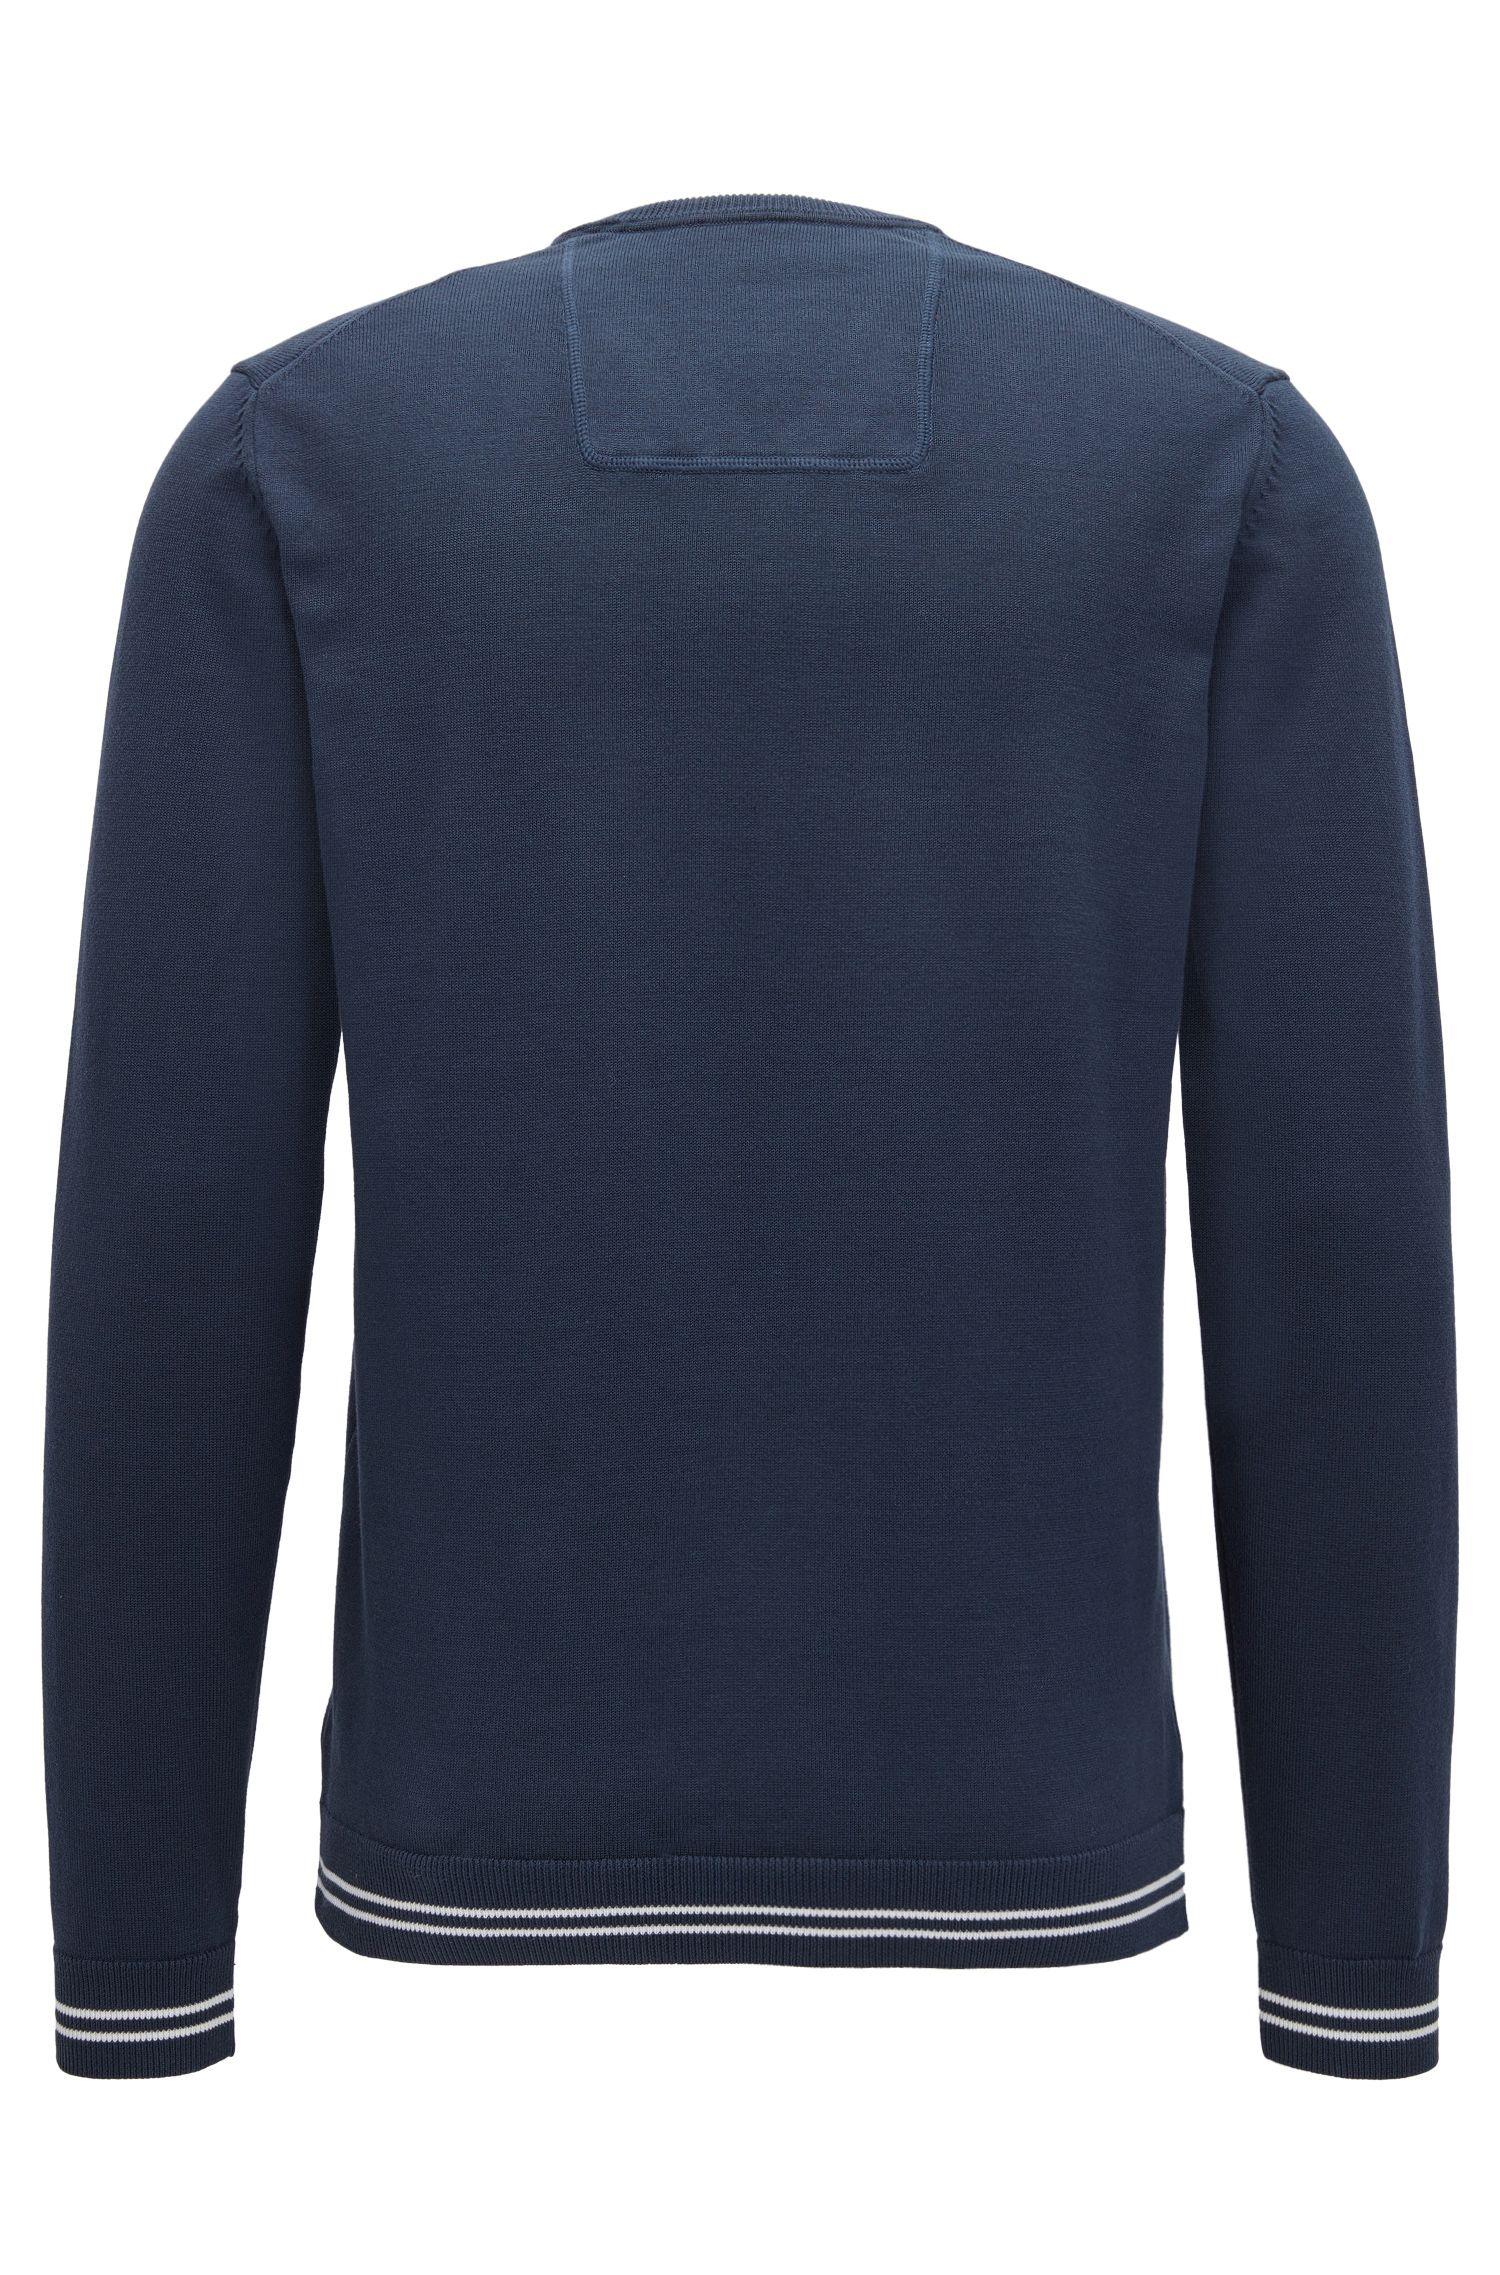 Pullover aus Baumwoll-Mix mit V-Ausschnitt